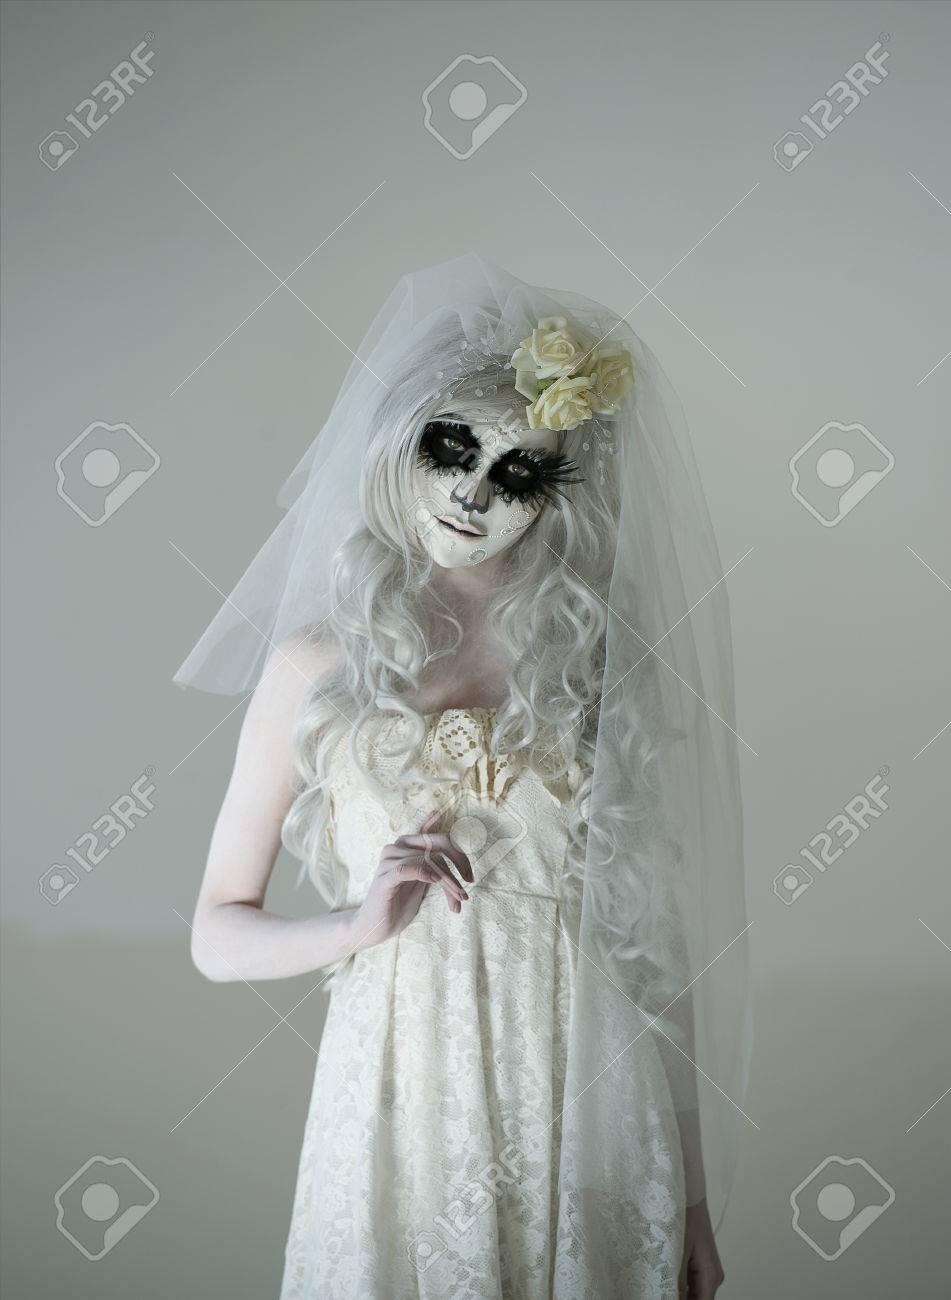 Beautiful Woman Wearing Santa Muerte Mask And Wedding Dress Dead Widow In